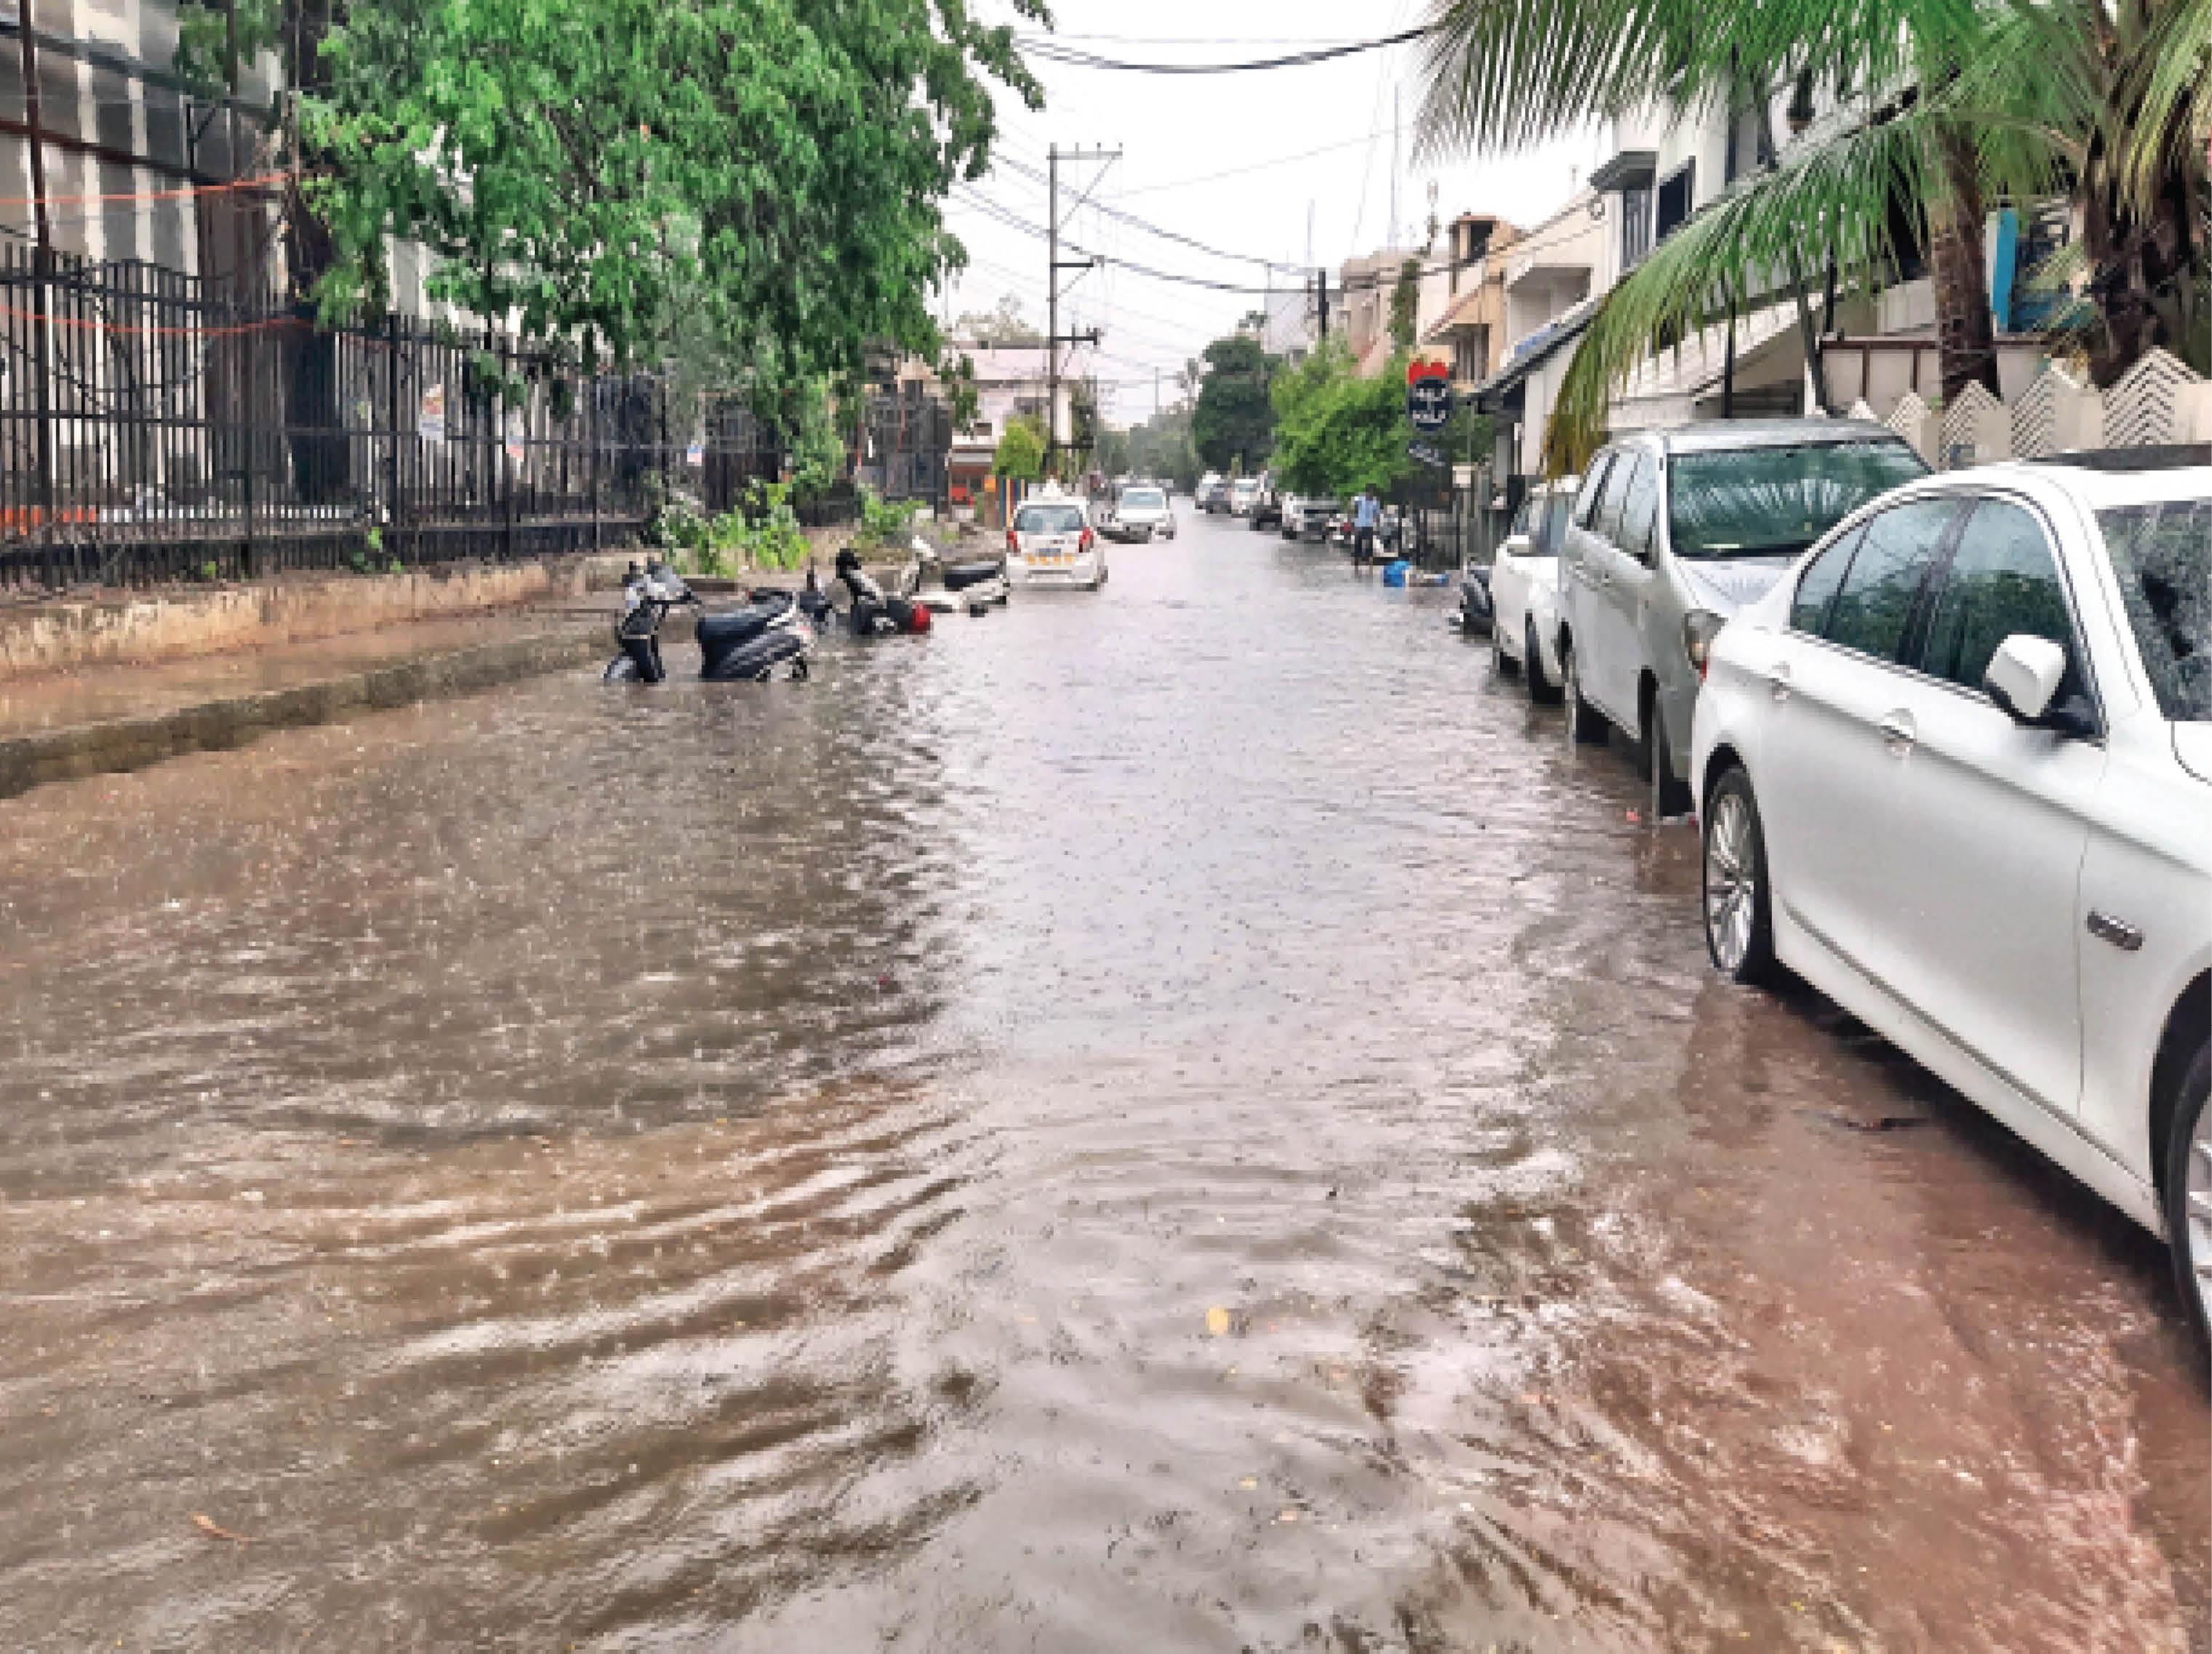 ये सड़क जलविहार कॉलोनी की है। पिछले दो हफ्तों से बारिश न होने के कारण तेज गर्मी और उमस थी। मंगलवार की बारिश से काफी राहत मिली है। तापमान में गिरावट आई। - Dainik Bhaskar